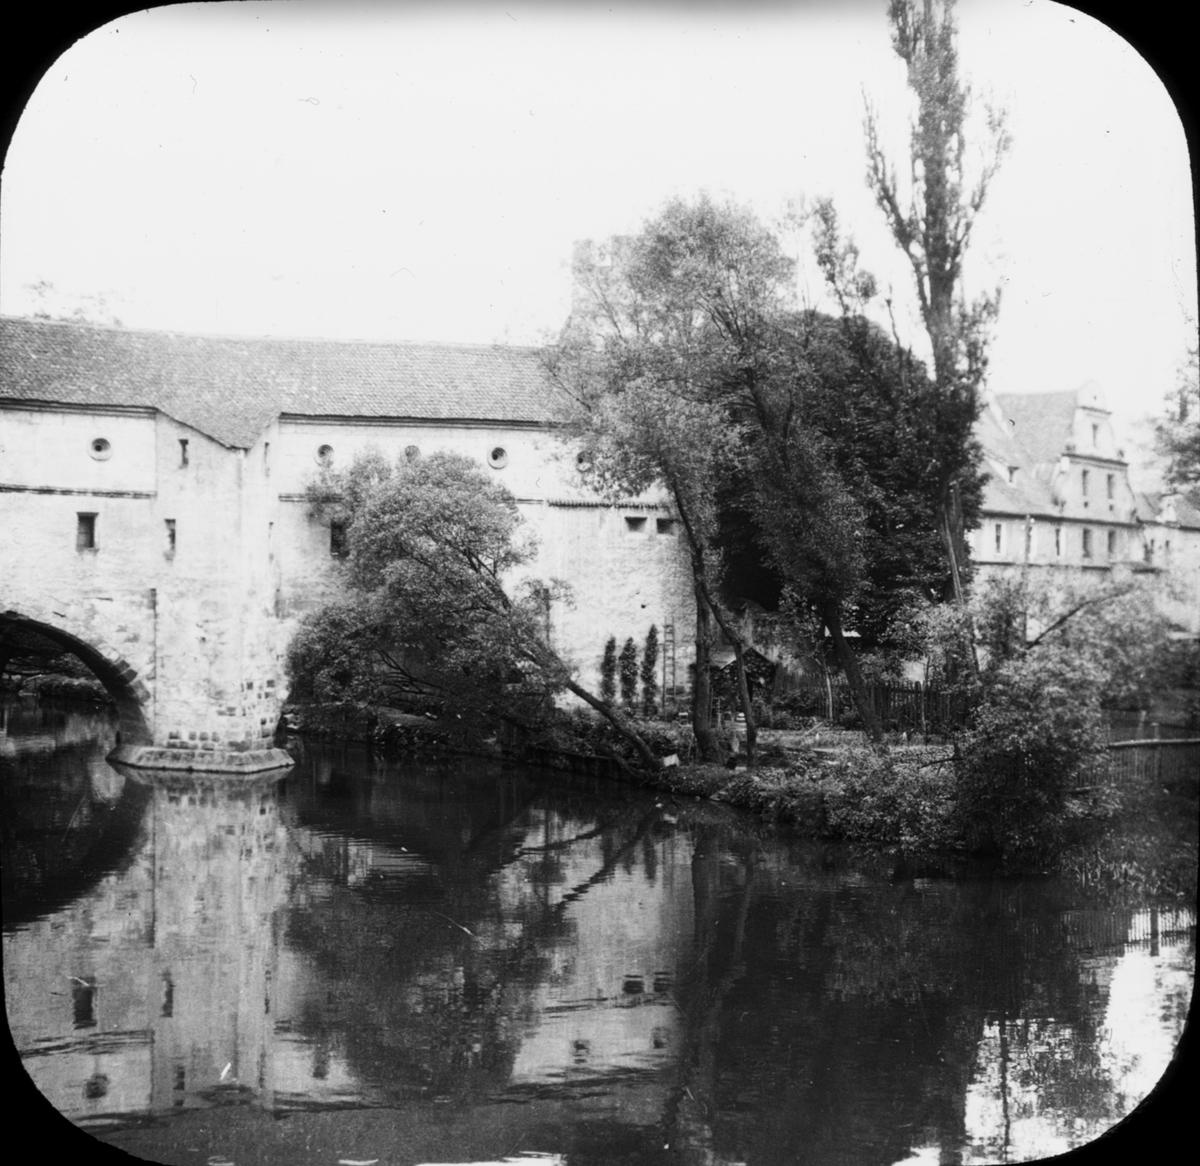 Skioptikonbild med motiv av bron Stadtbrille i stadsmuren Amberg. Bilden har förvarats i kartong märkt: Bamberg 7. Amberg 3.